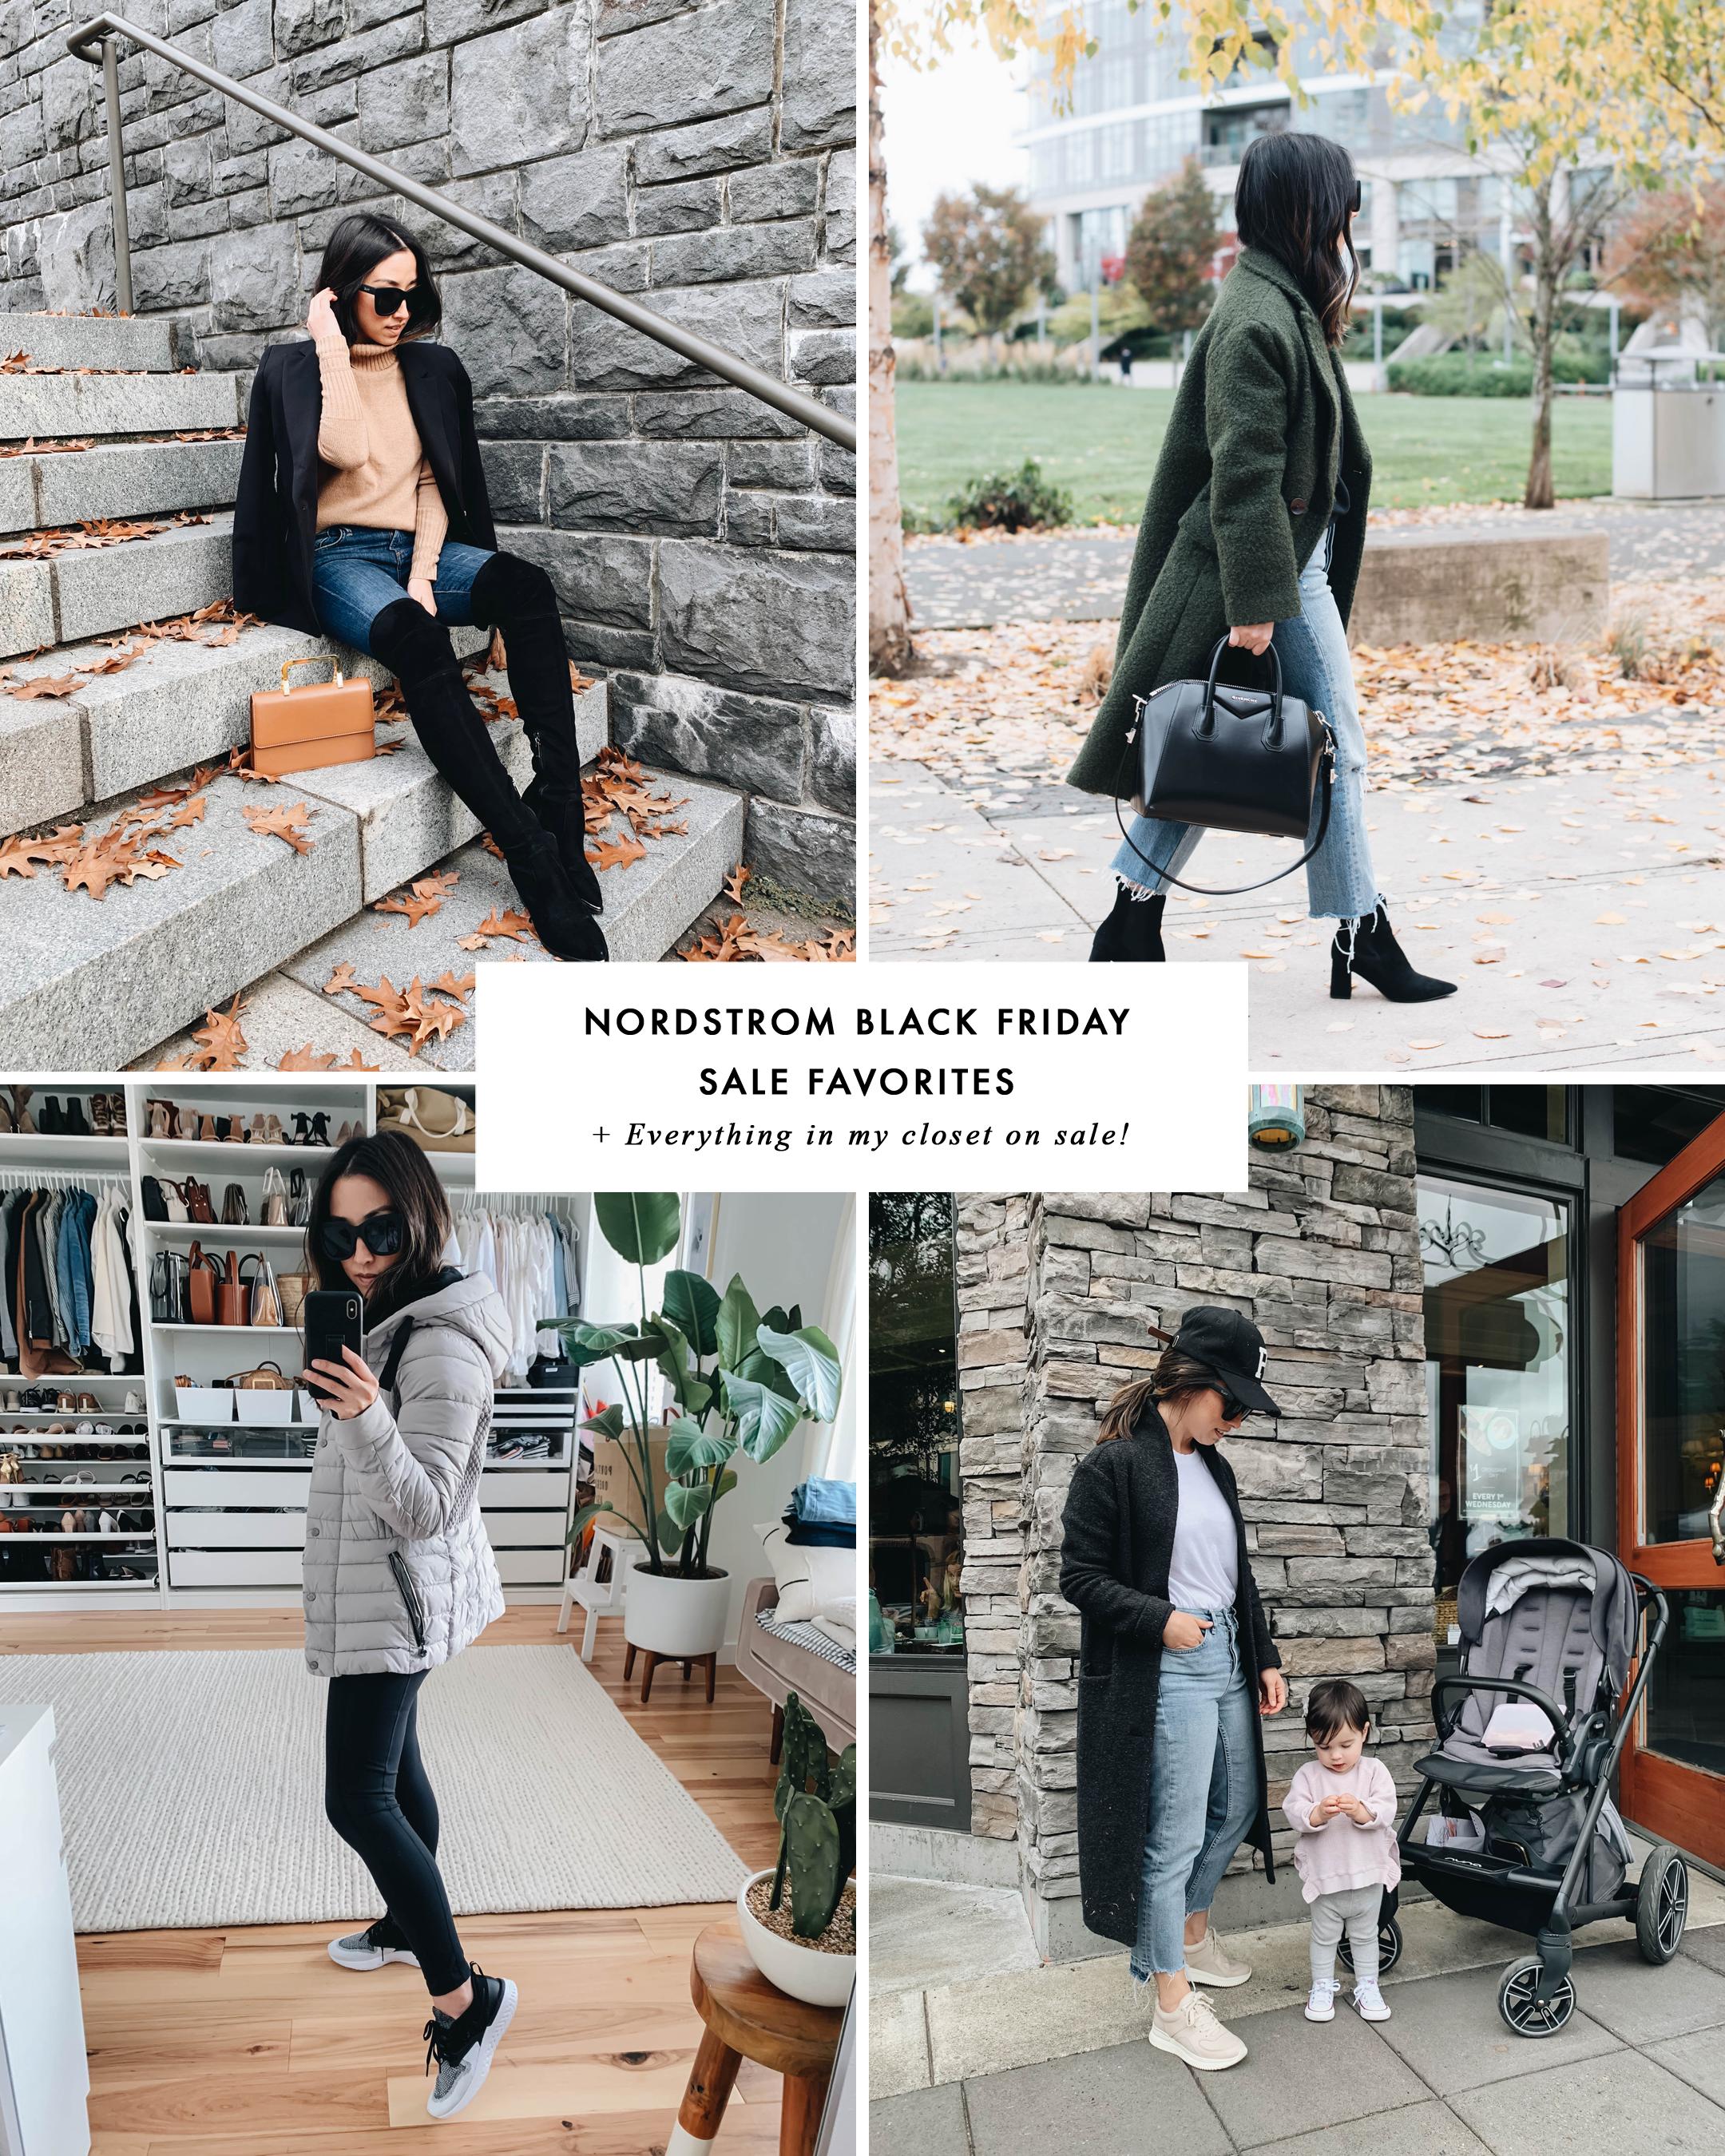 Nordstrom Black Friday sale favorites